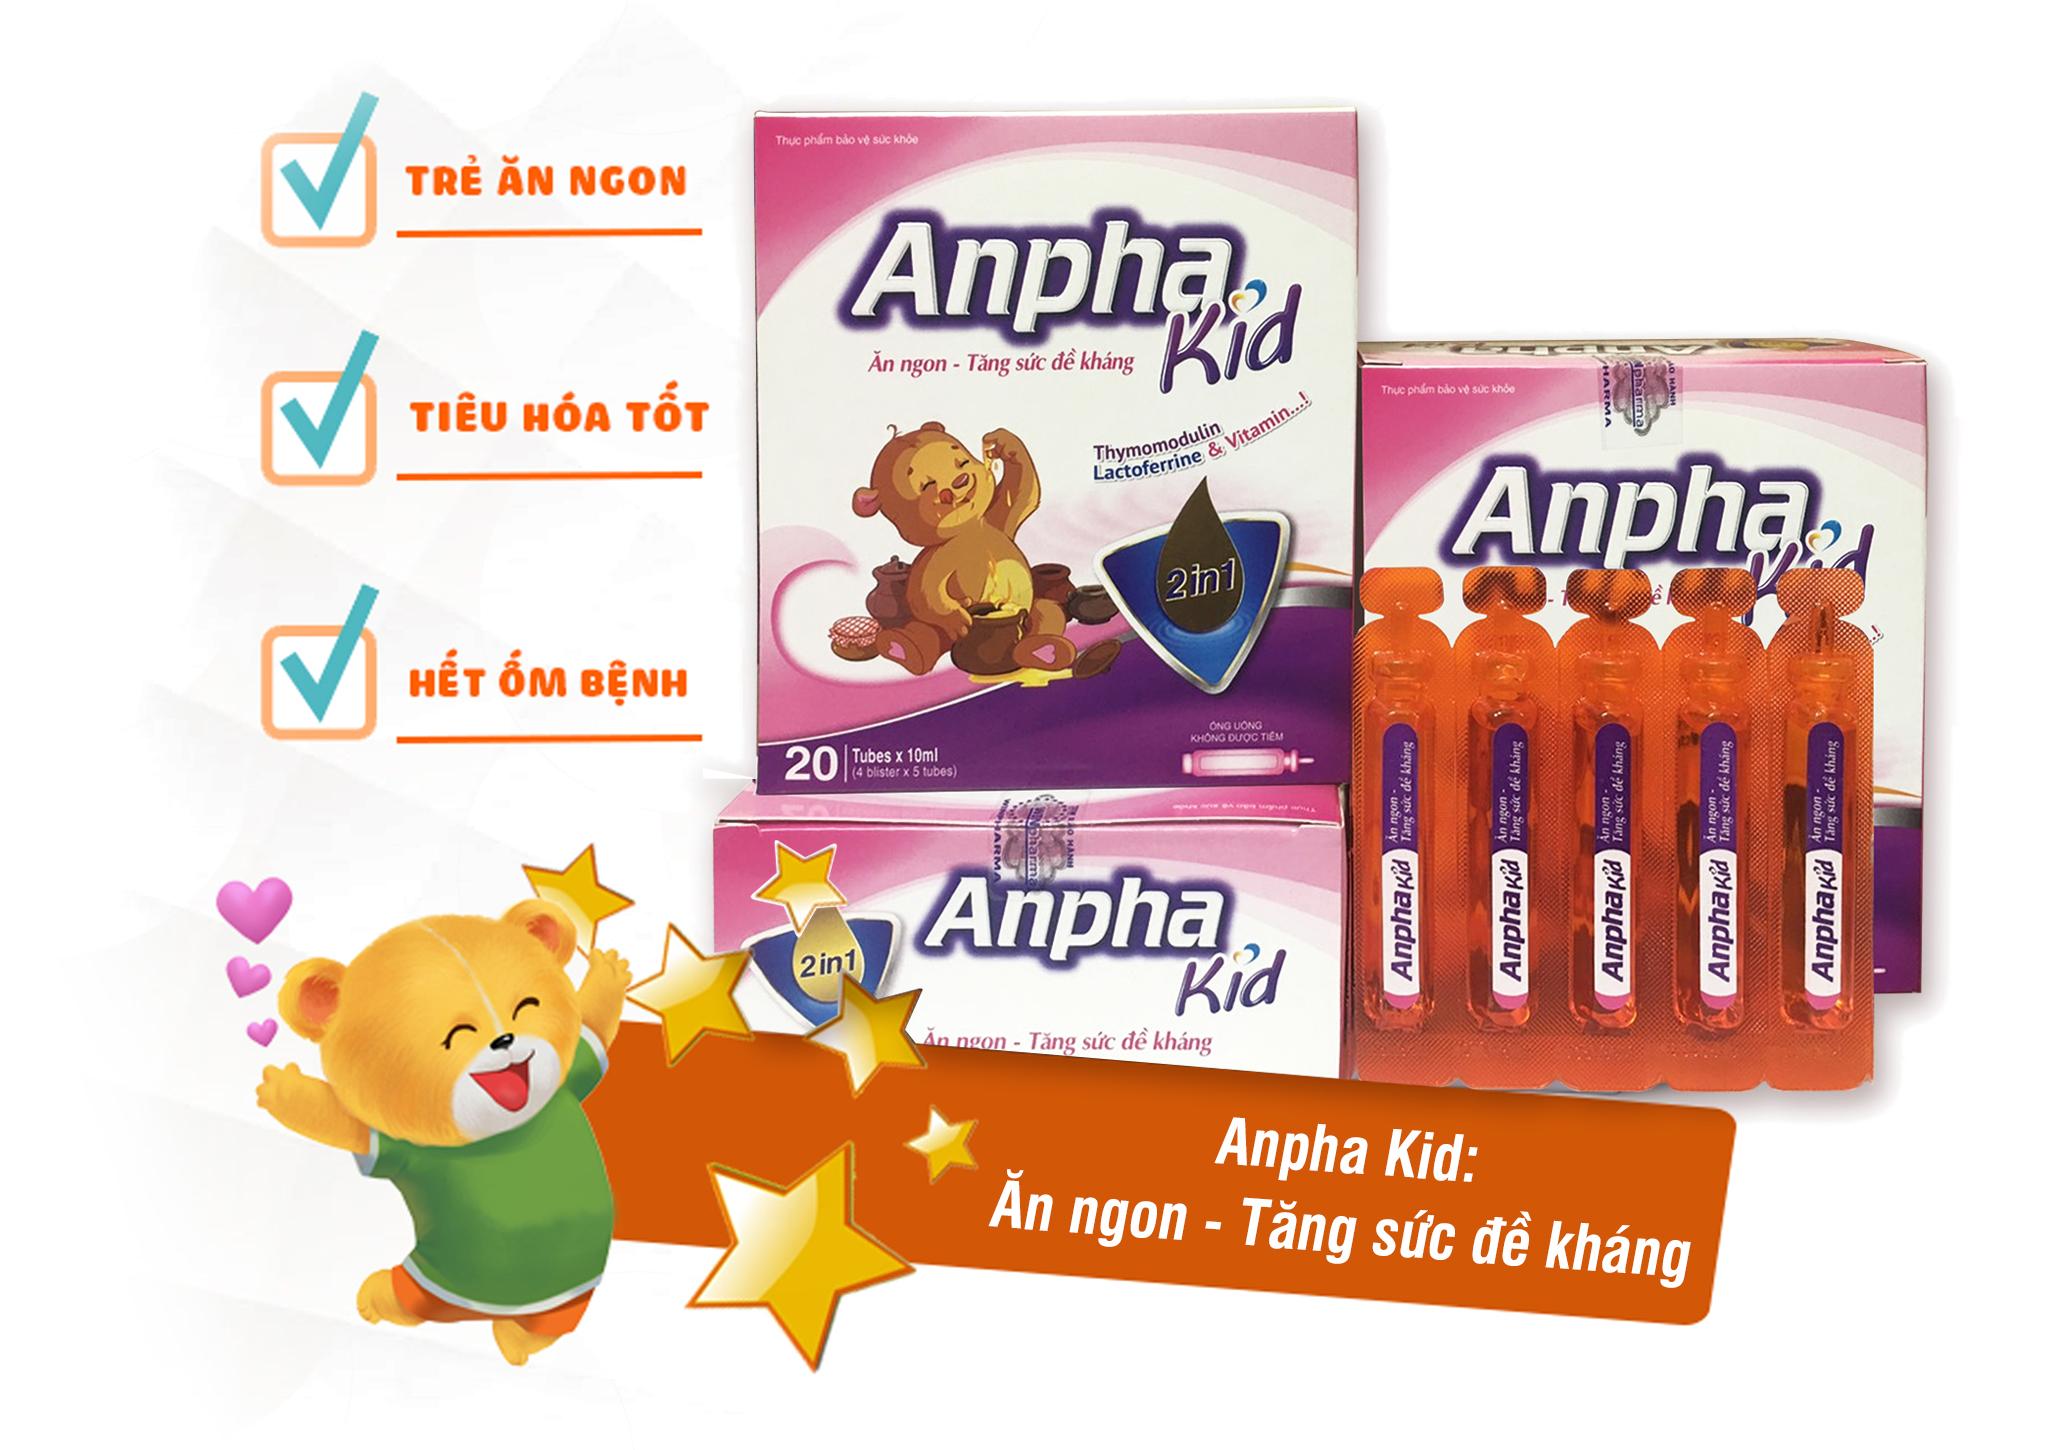 Anpha Kid – Ăn ngon, Tăng sức đề kháng 4